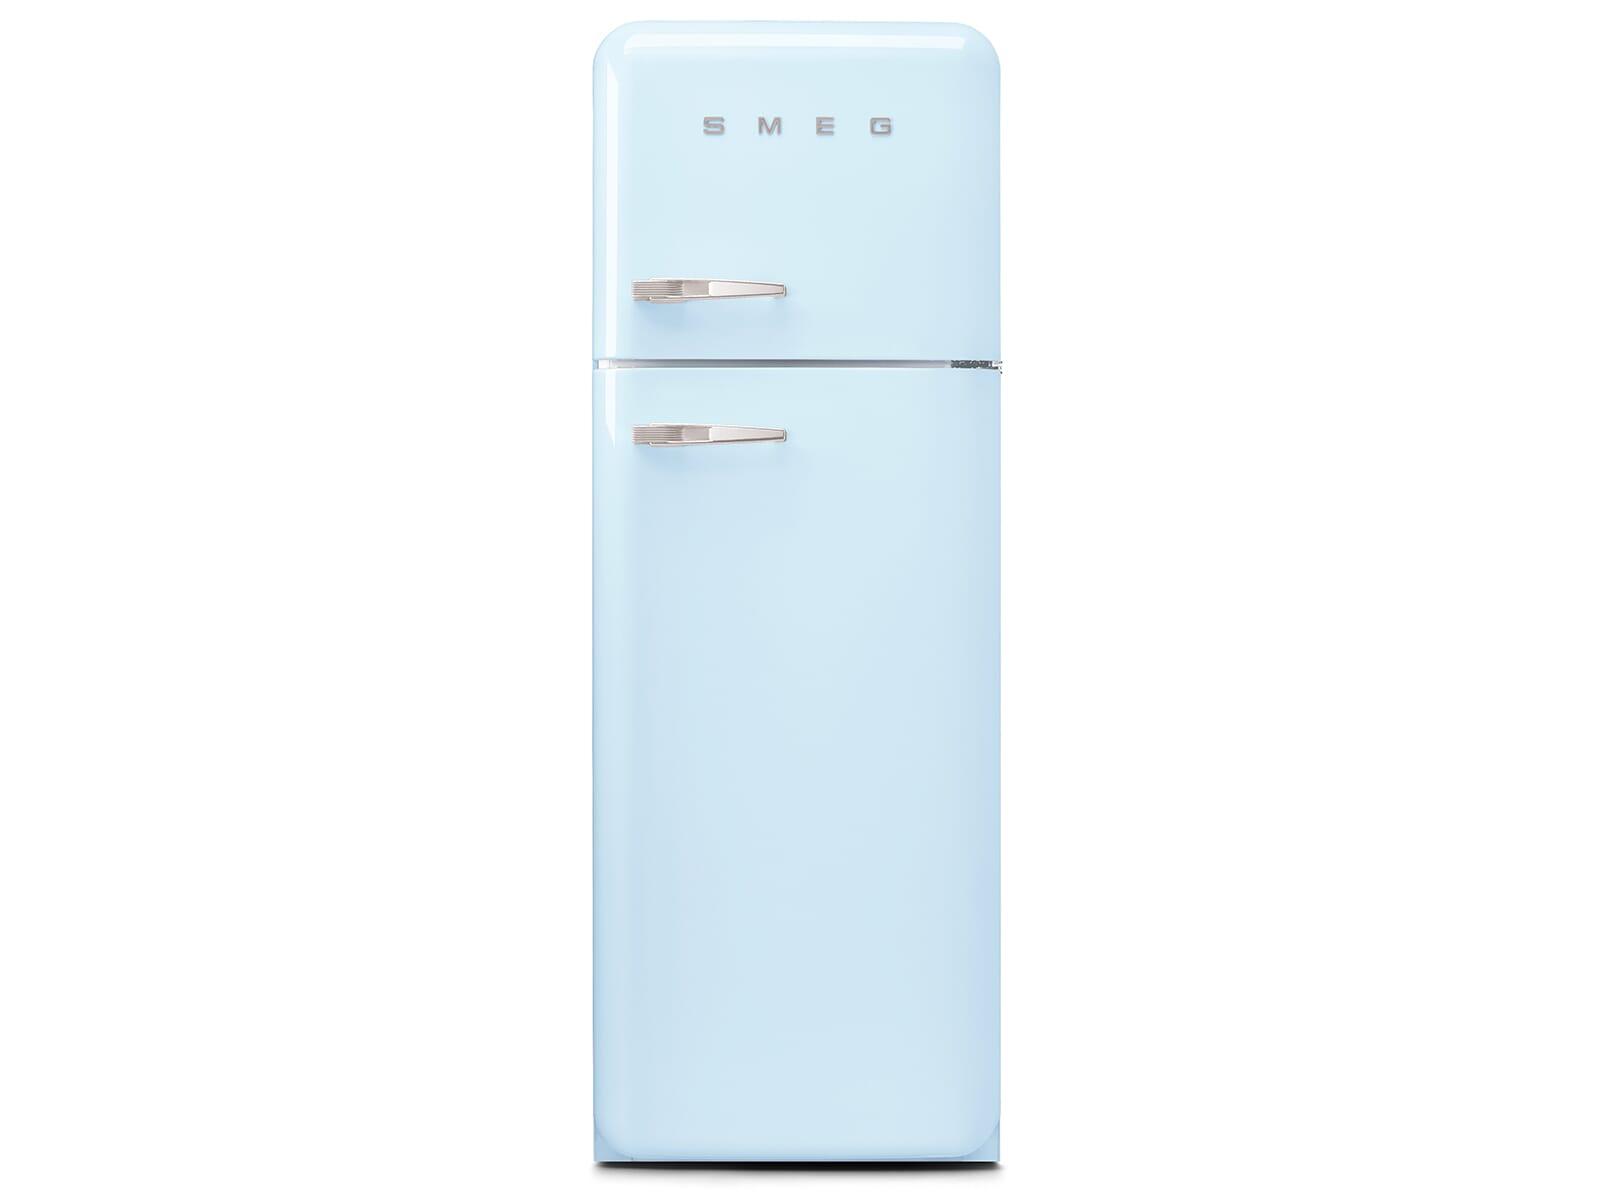 Smeg Kühlschrank 140 Cm : Smeg fab30rpb3 standkühlschrank pastellblau